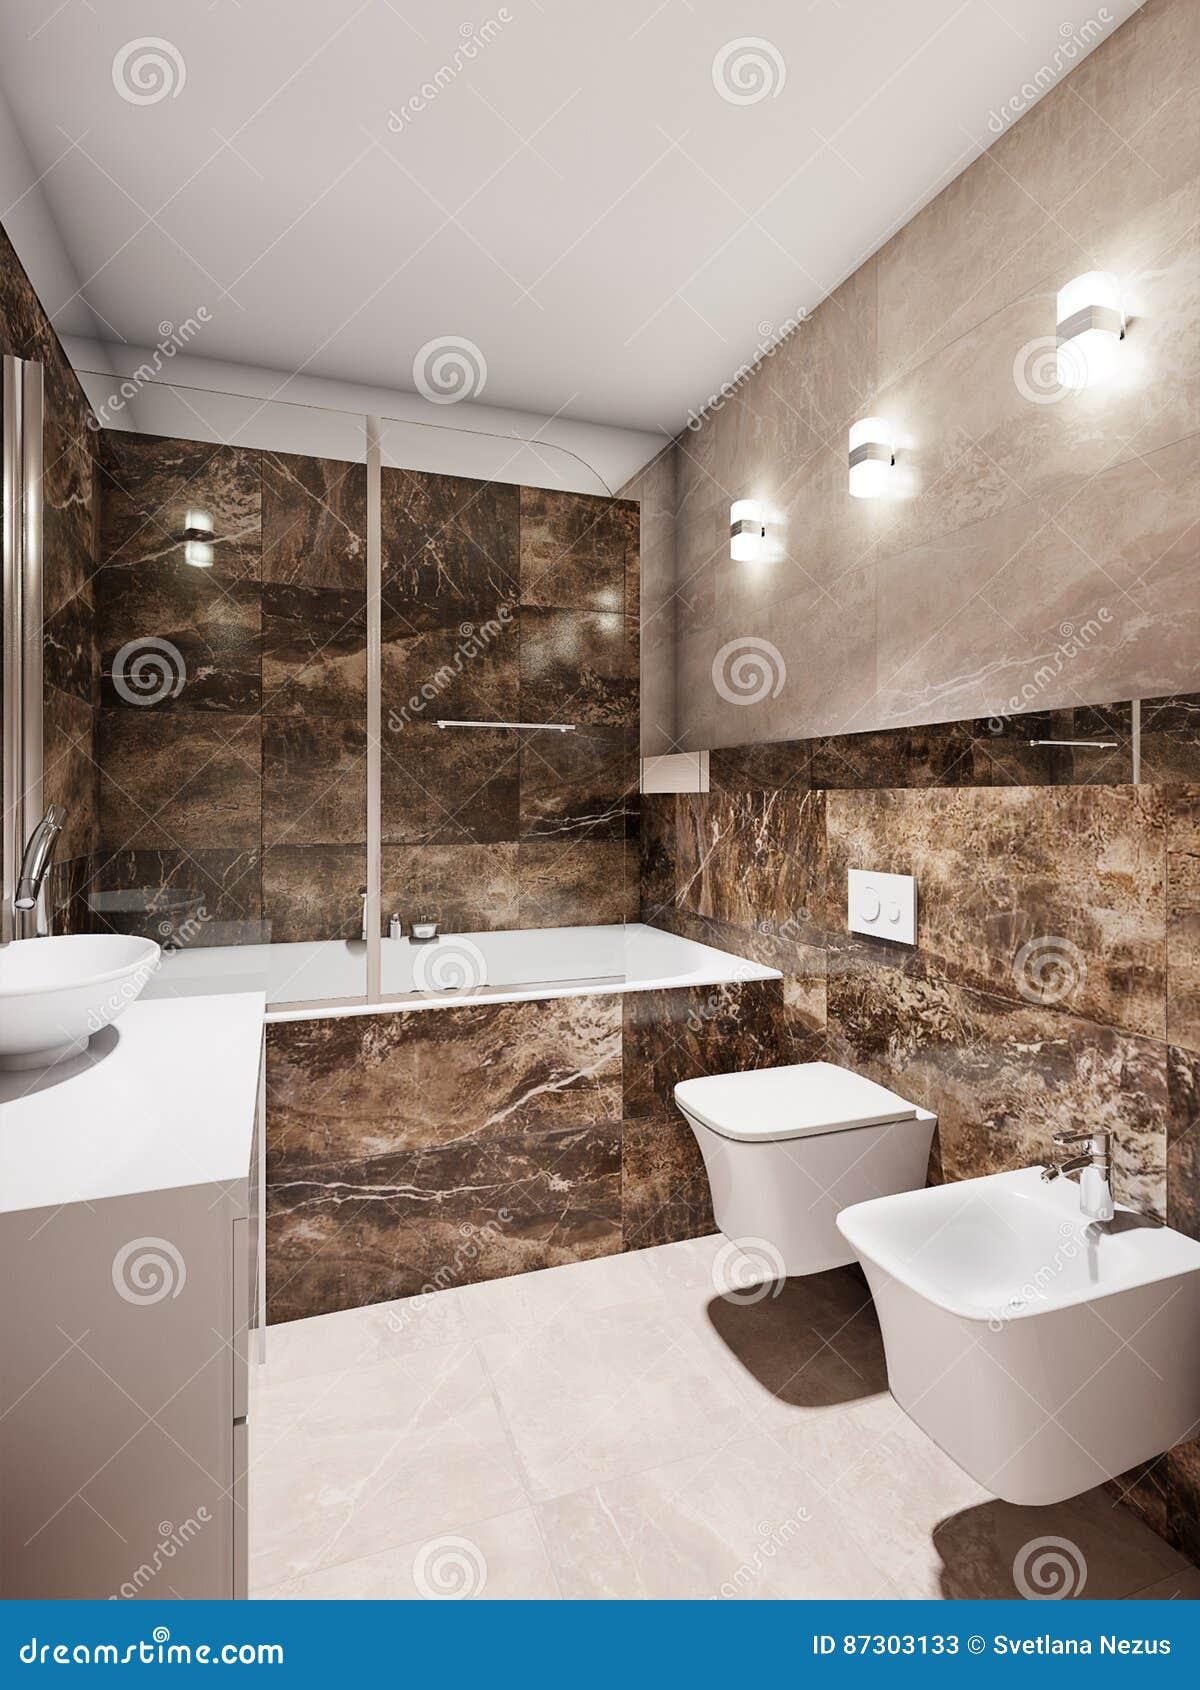 bagno moderno » rivestimenti bagno moderno beige e marrone ... - Bagni Moderni Beige E Marrone